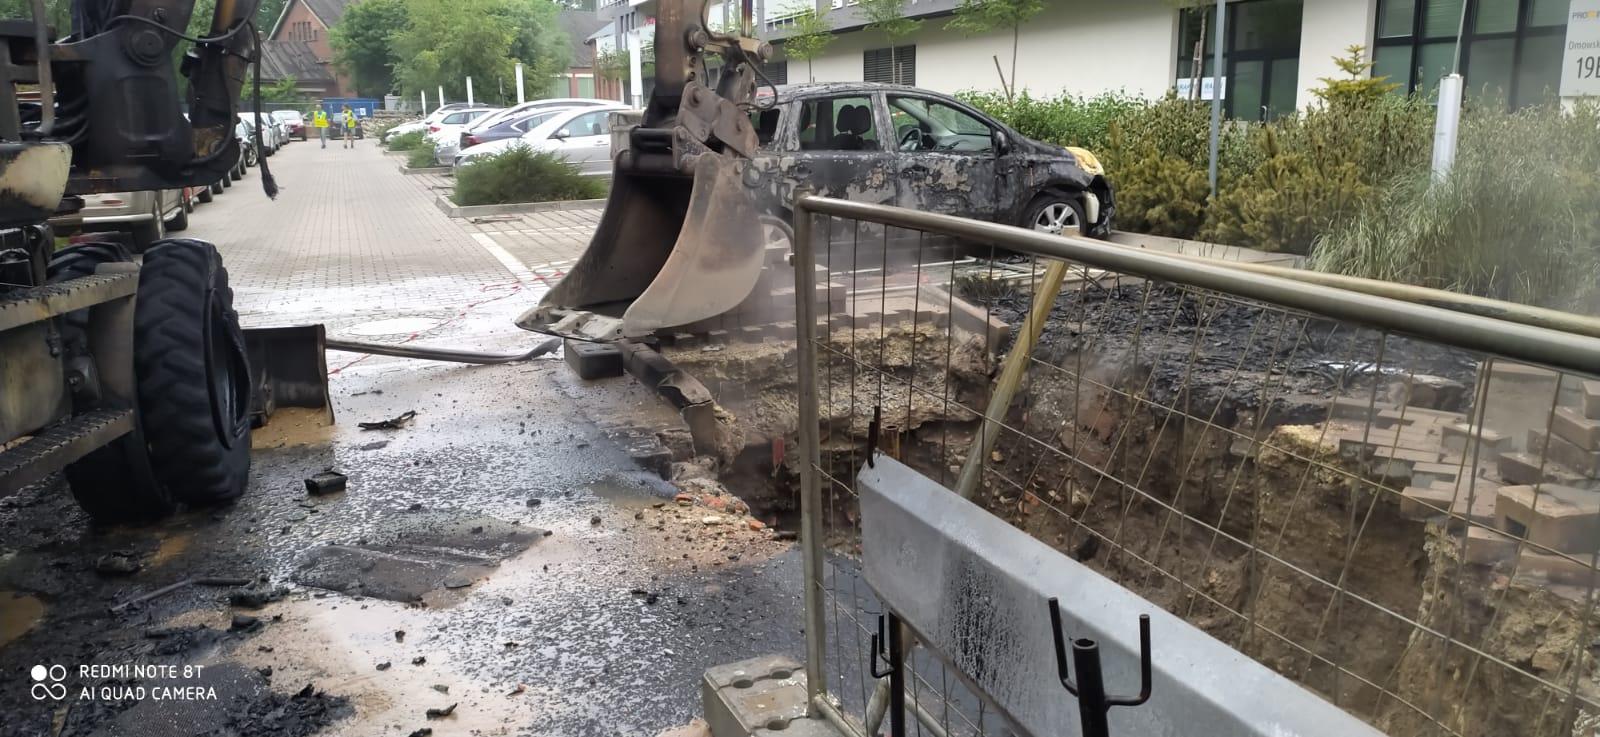 Koparka uszkodziła gazociąg, wybuchł pożar